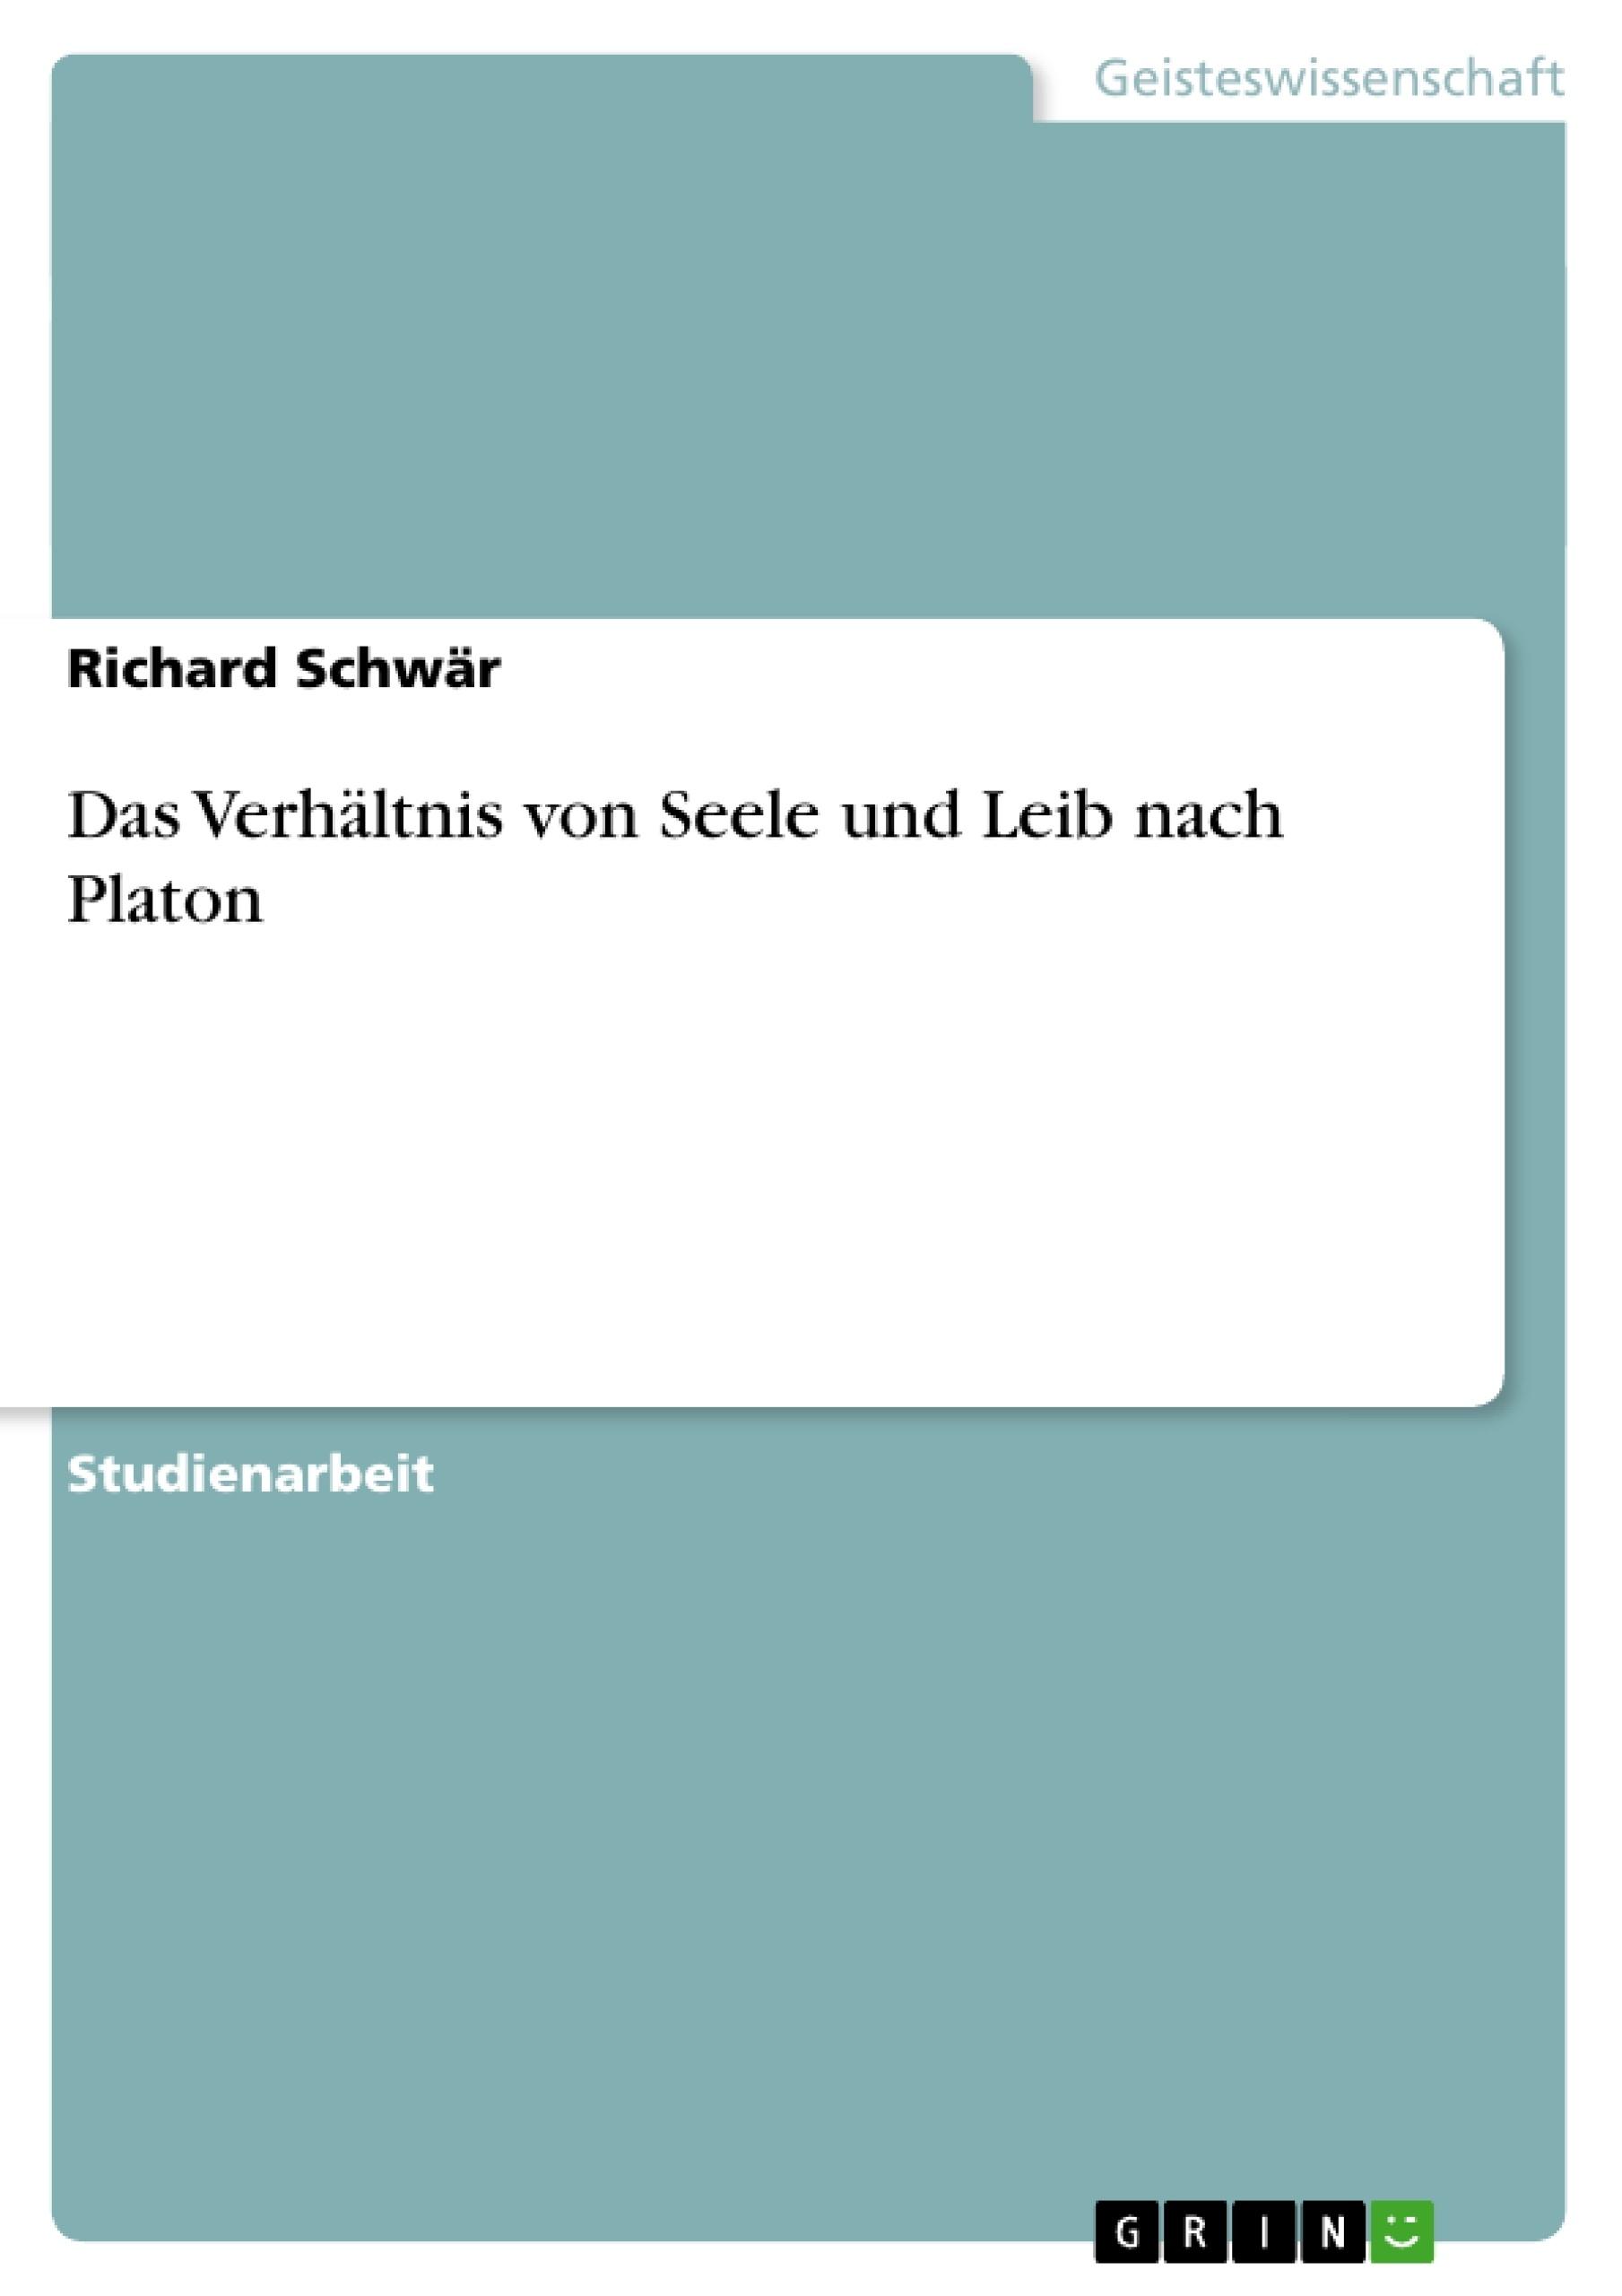 Titel: Das Verhältnis von Seele und Leib nach Platon